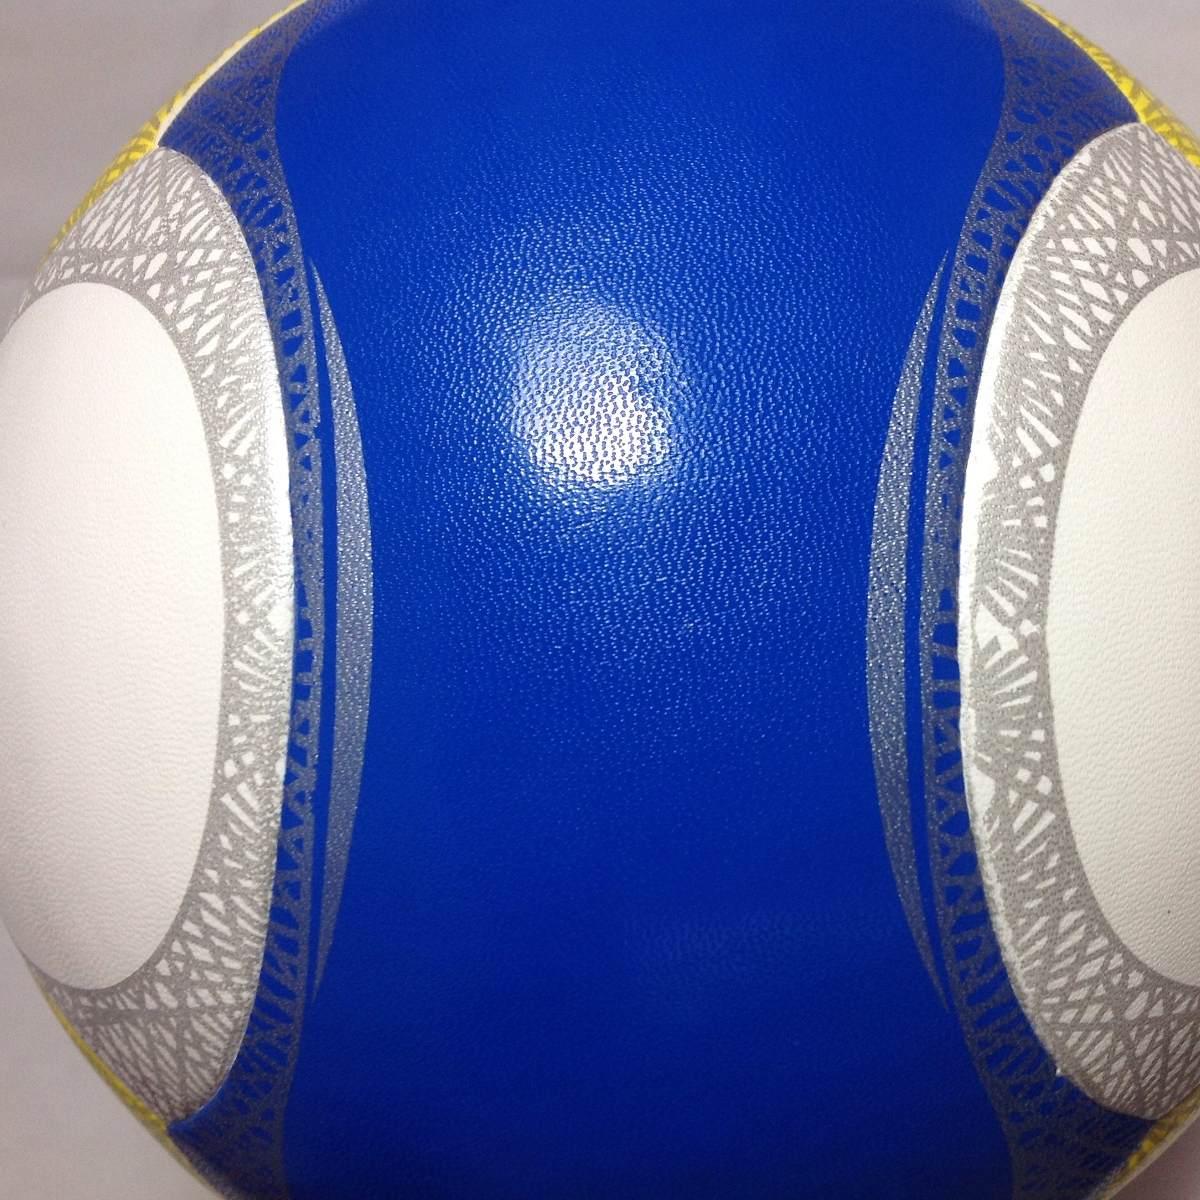 4f03e319e7 kit bola futsal vitória oficial termotec + acessórios. Carregando zoom.